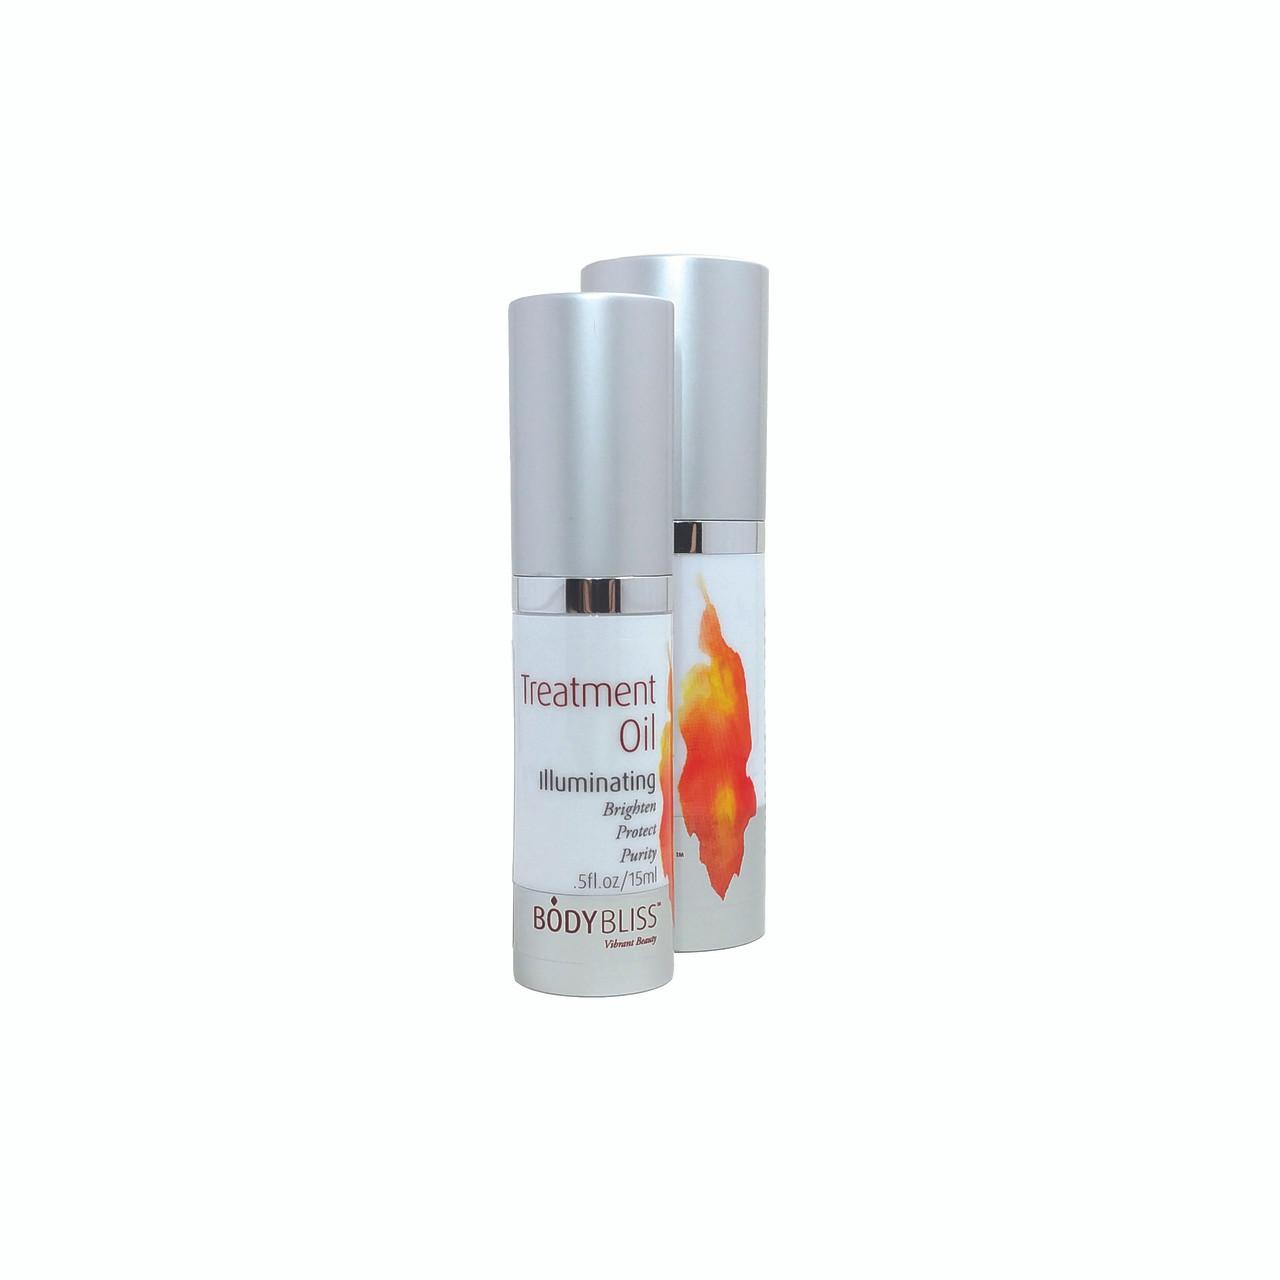 Illuminating Treatment Oil